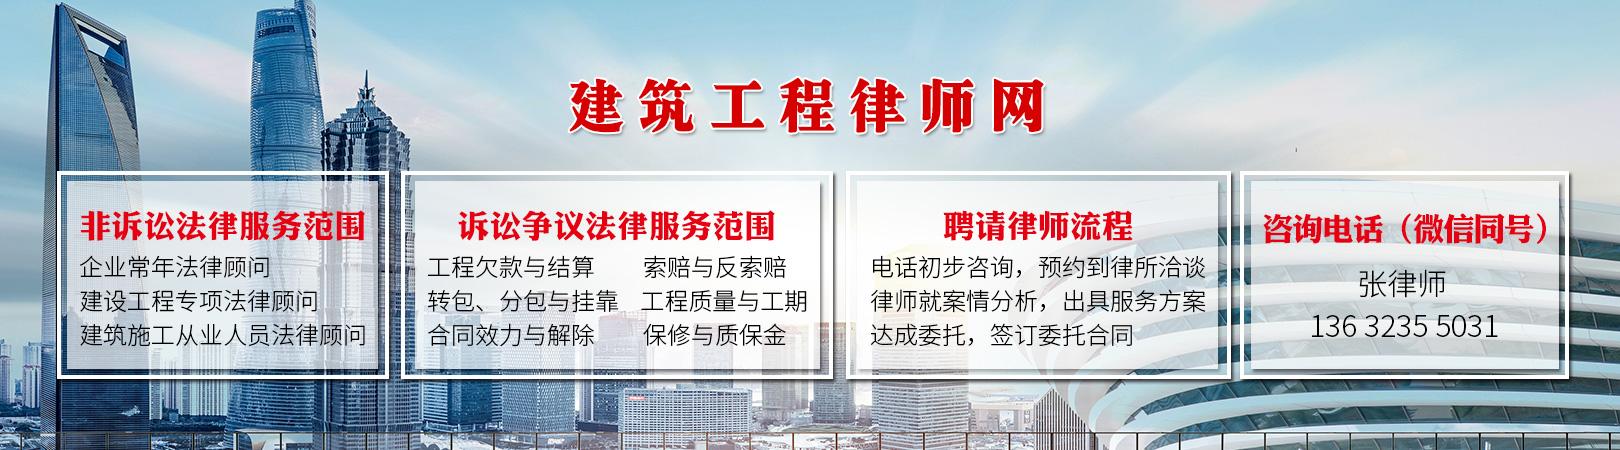 广州建设工程施工合同律师.jpg